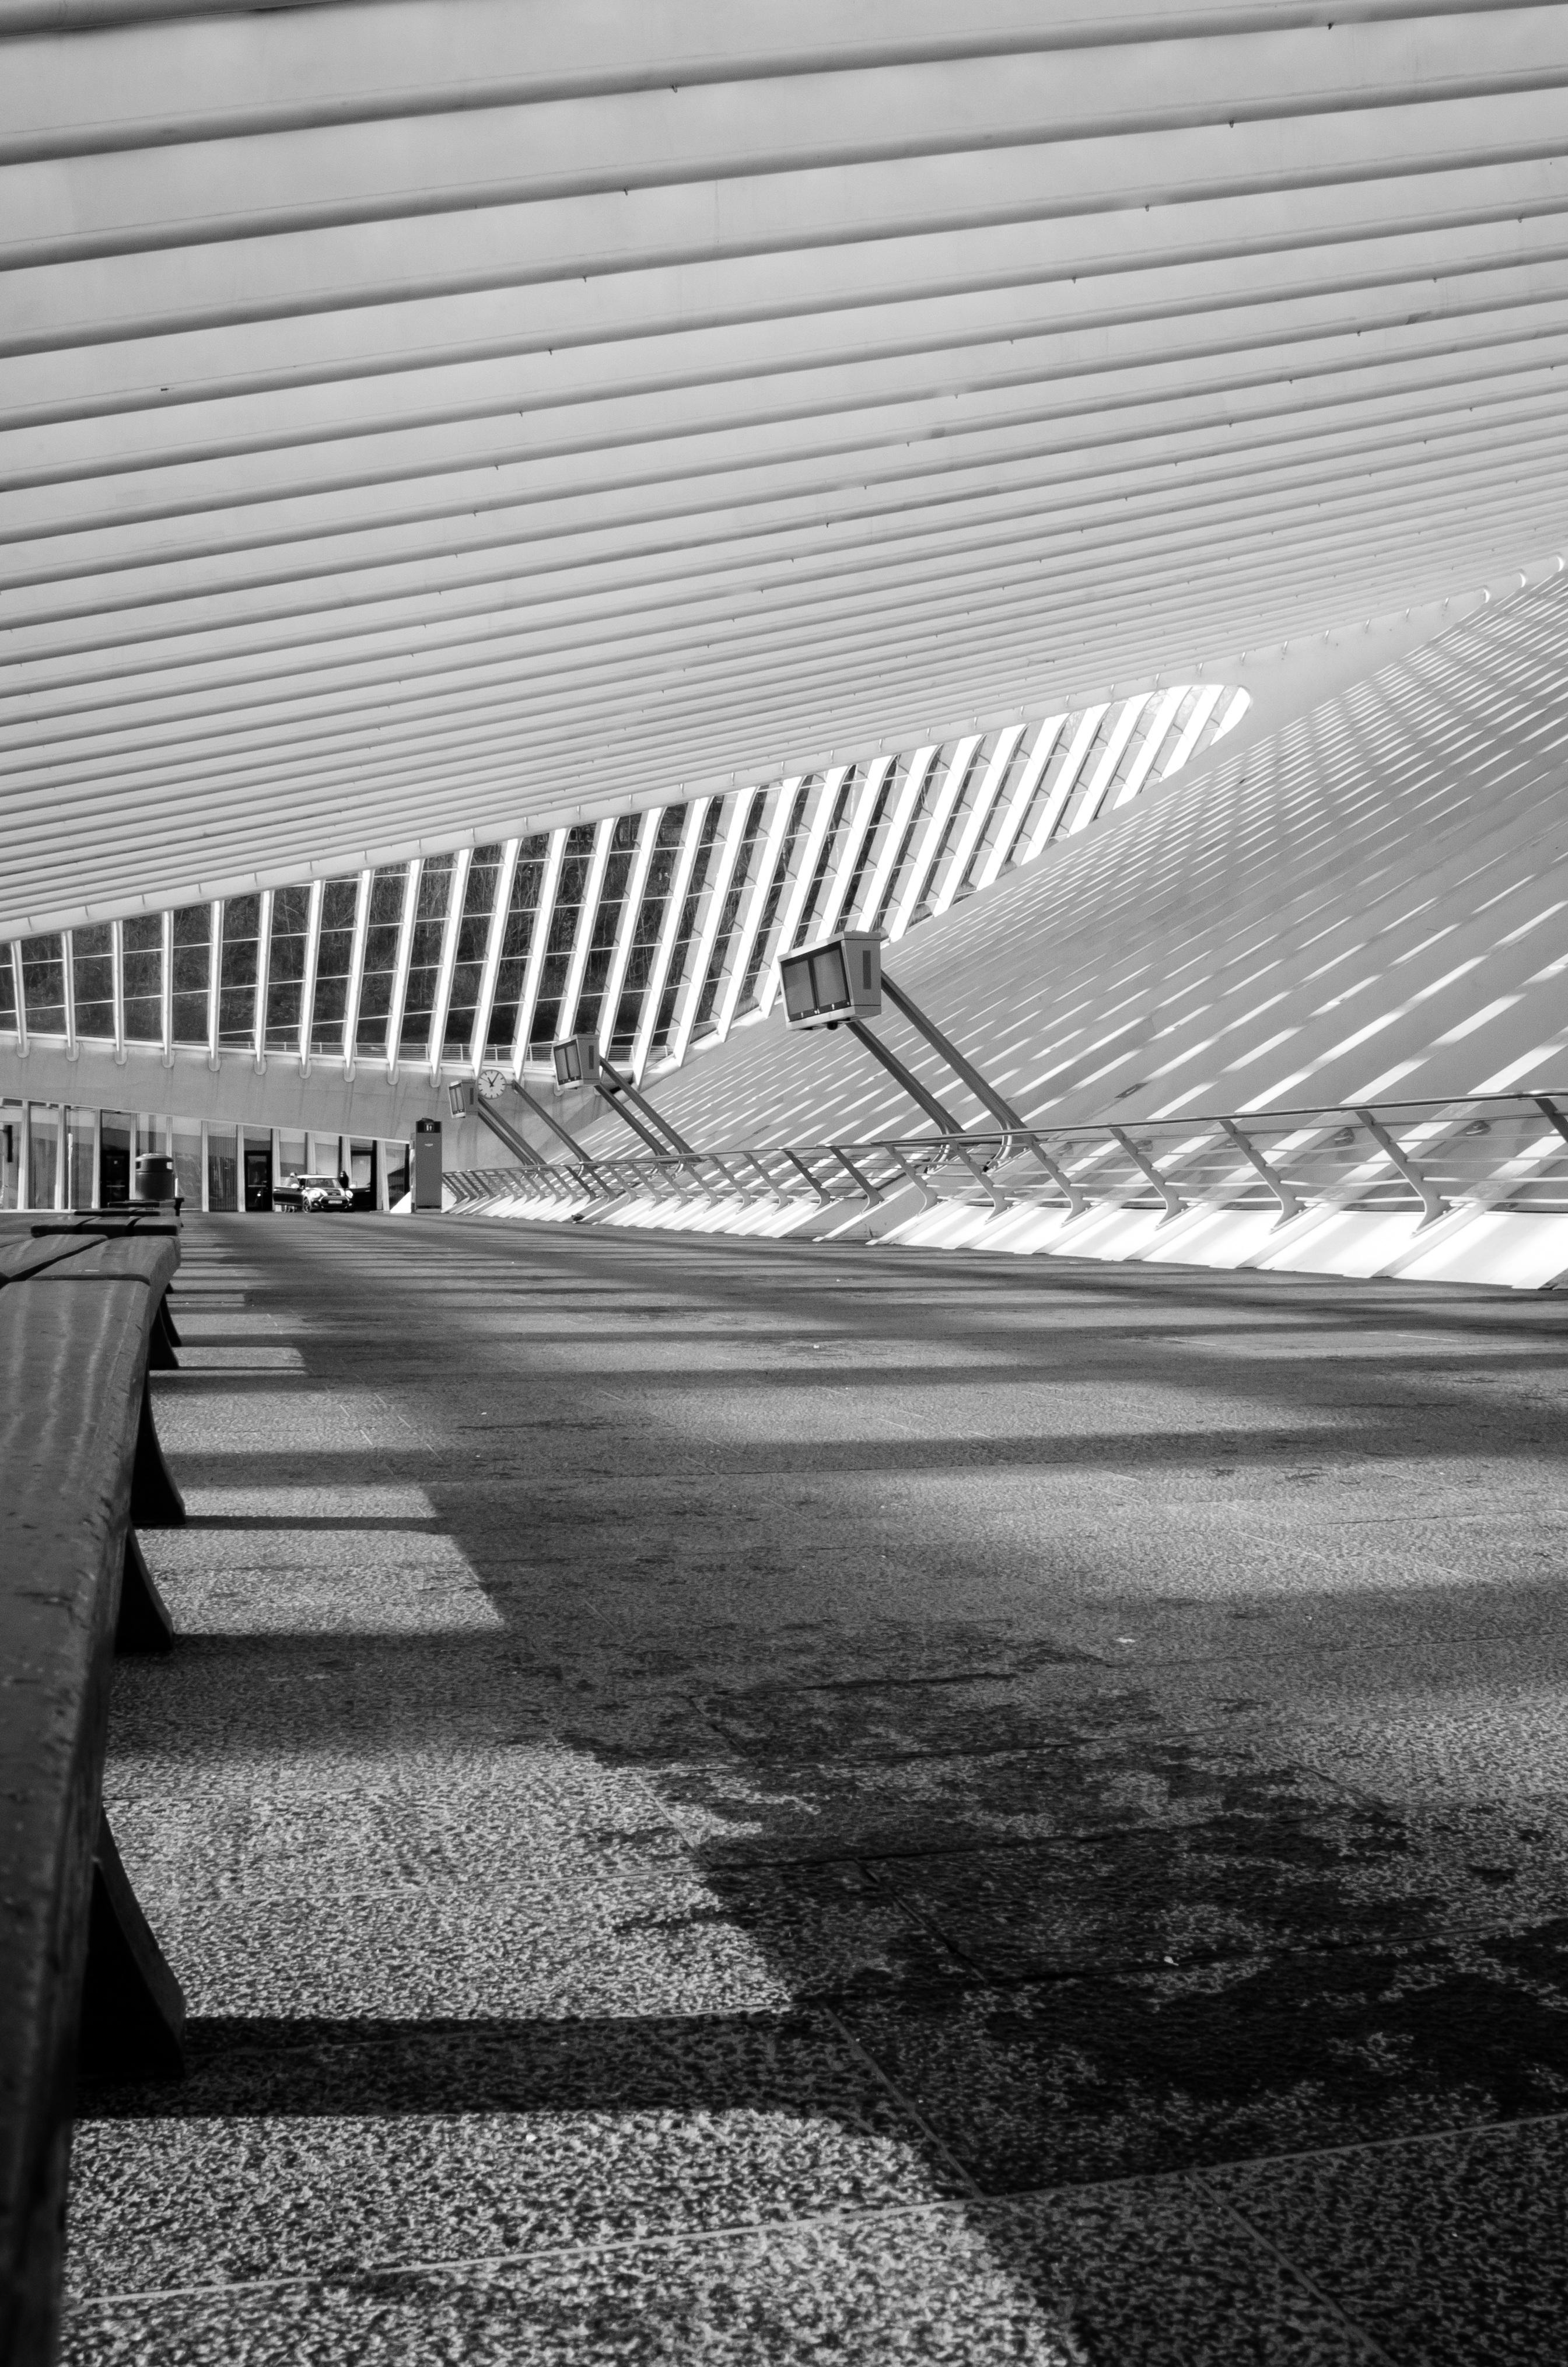 fotos gratis ligero en blanco y negro luz de sol vaso edificio tren transporte lnea monocromo blanco negro blgica lneas